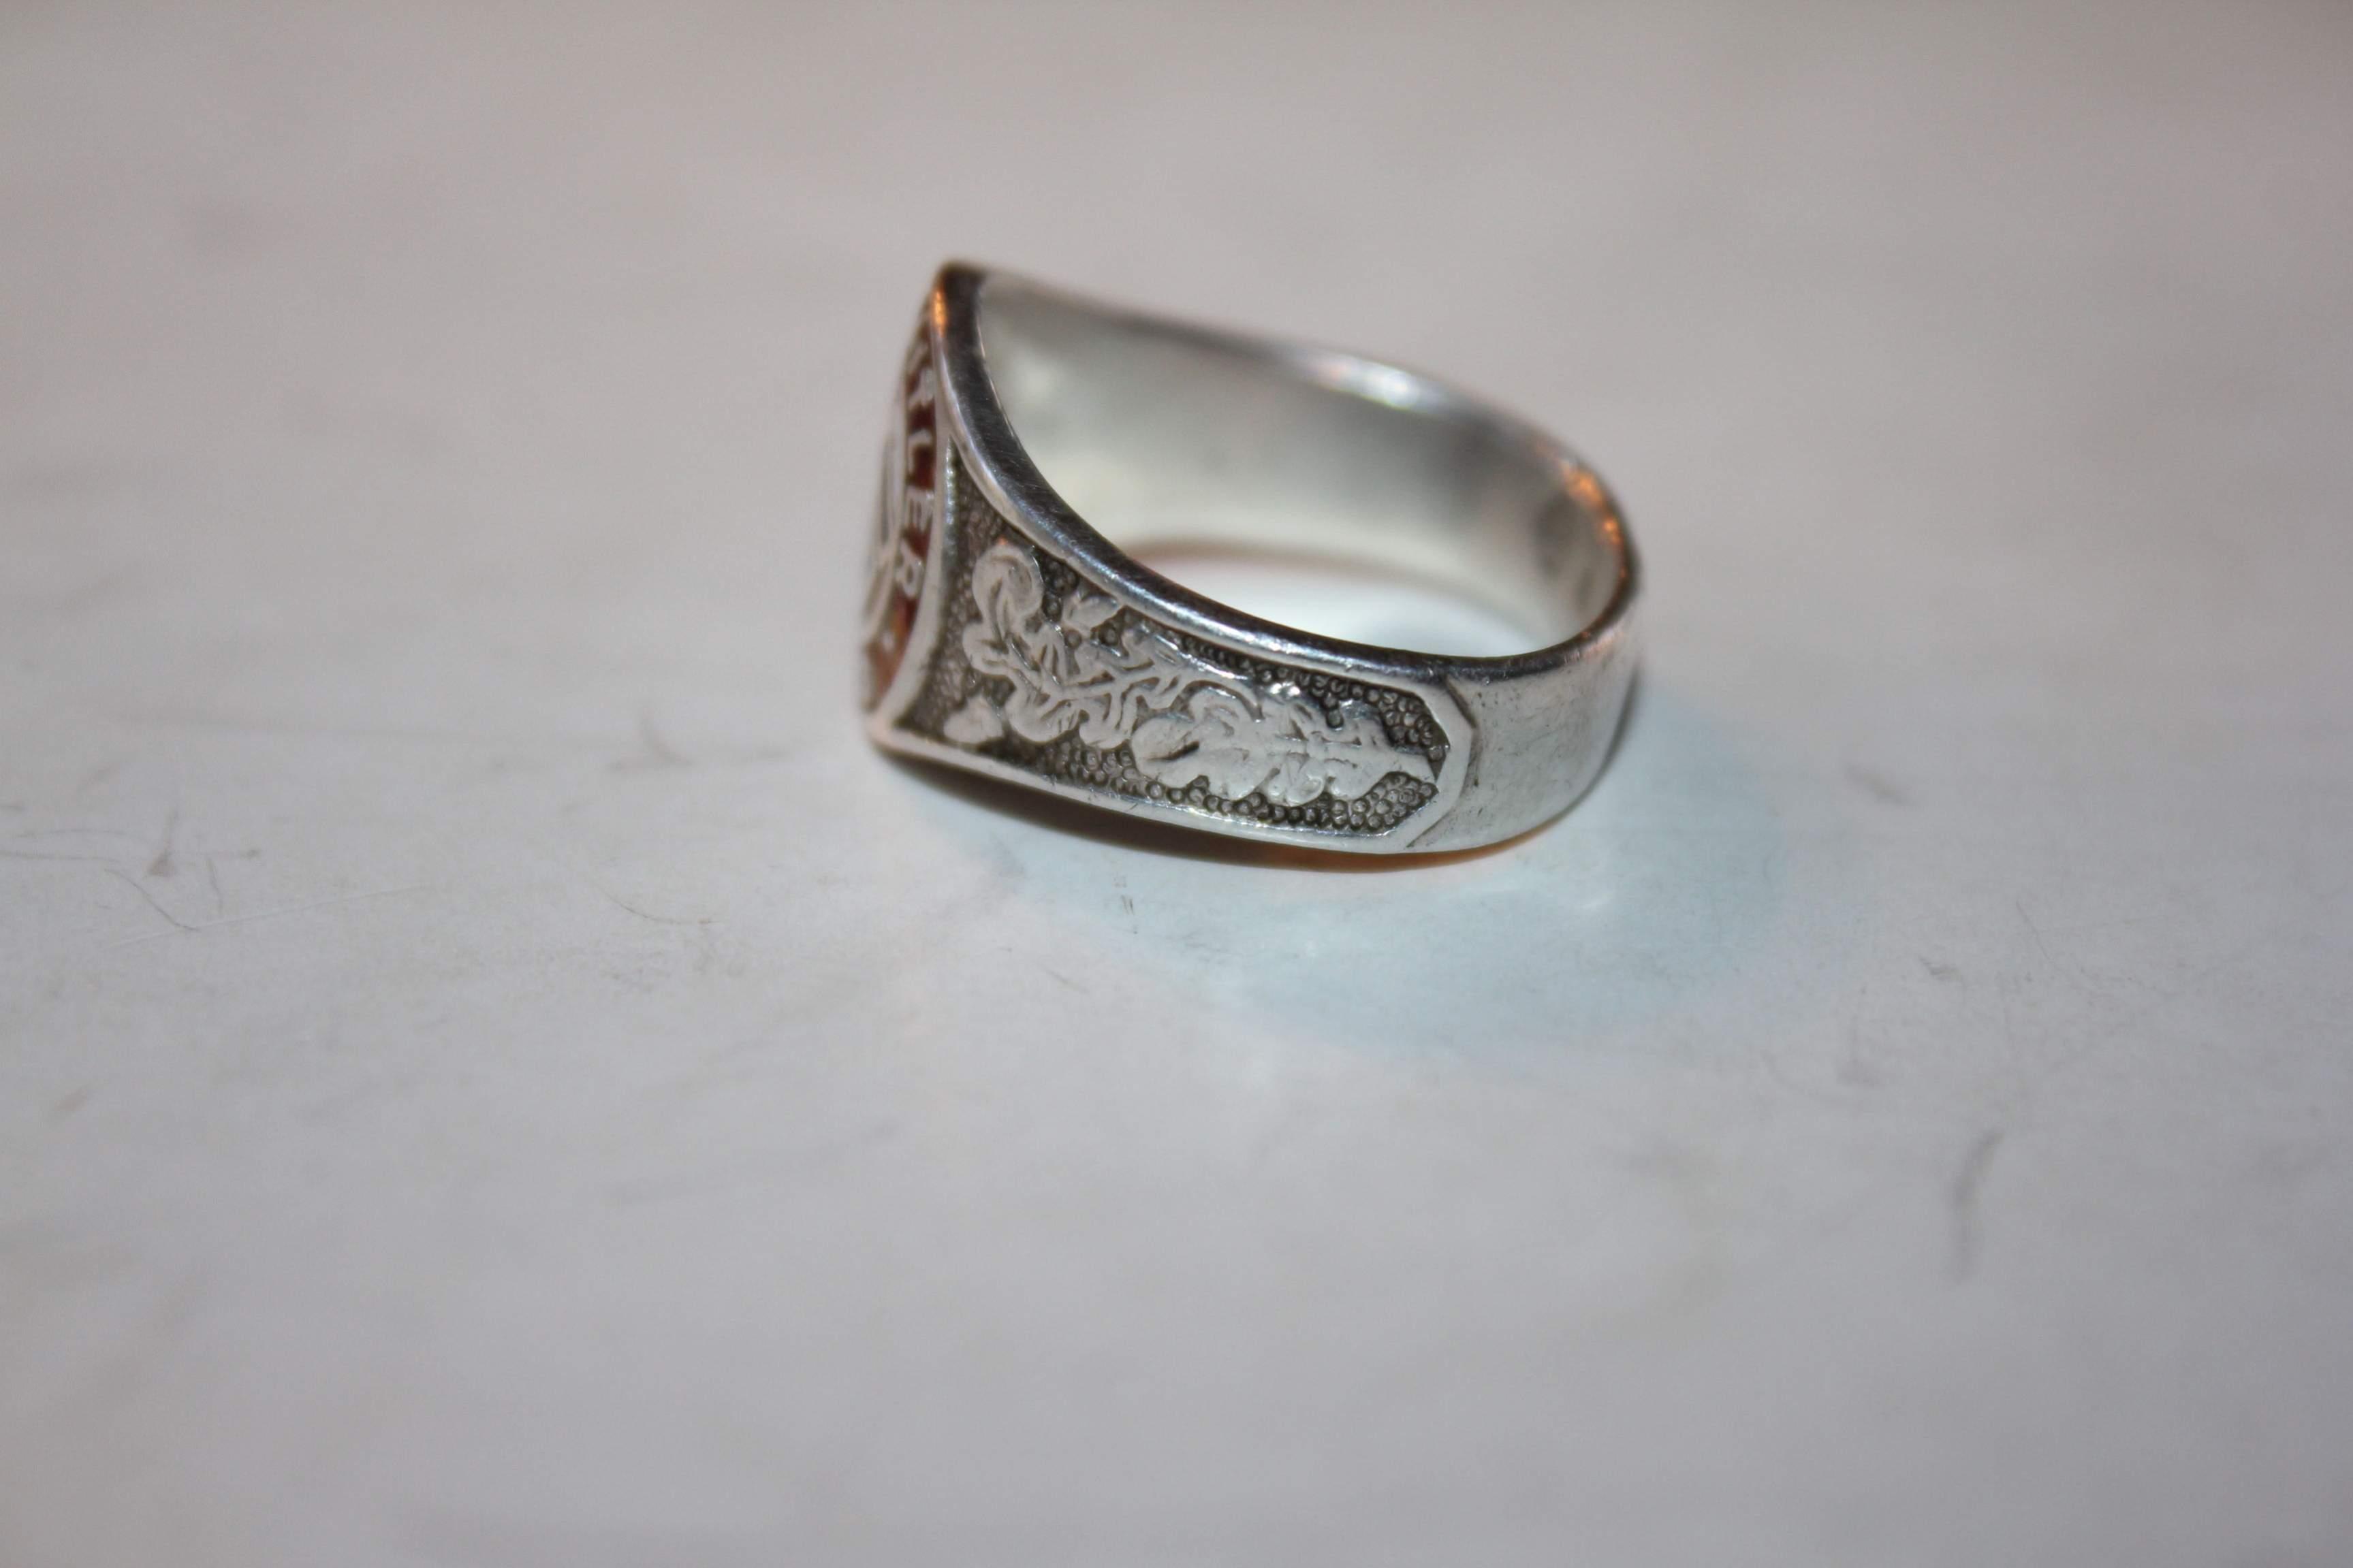 Original Or Fake Rings